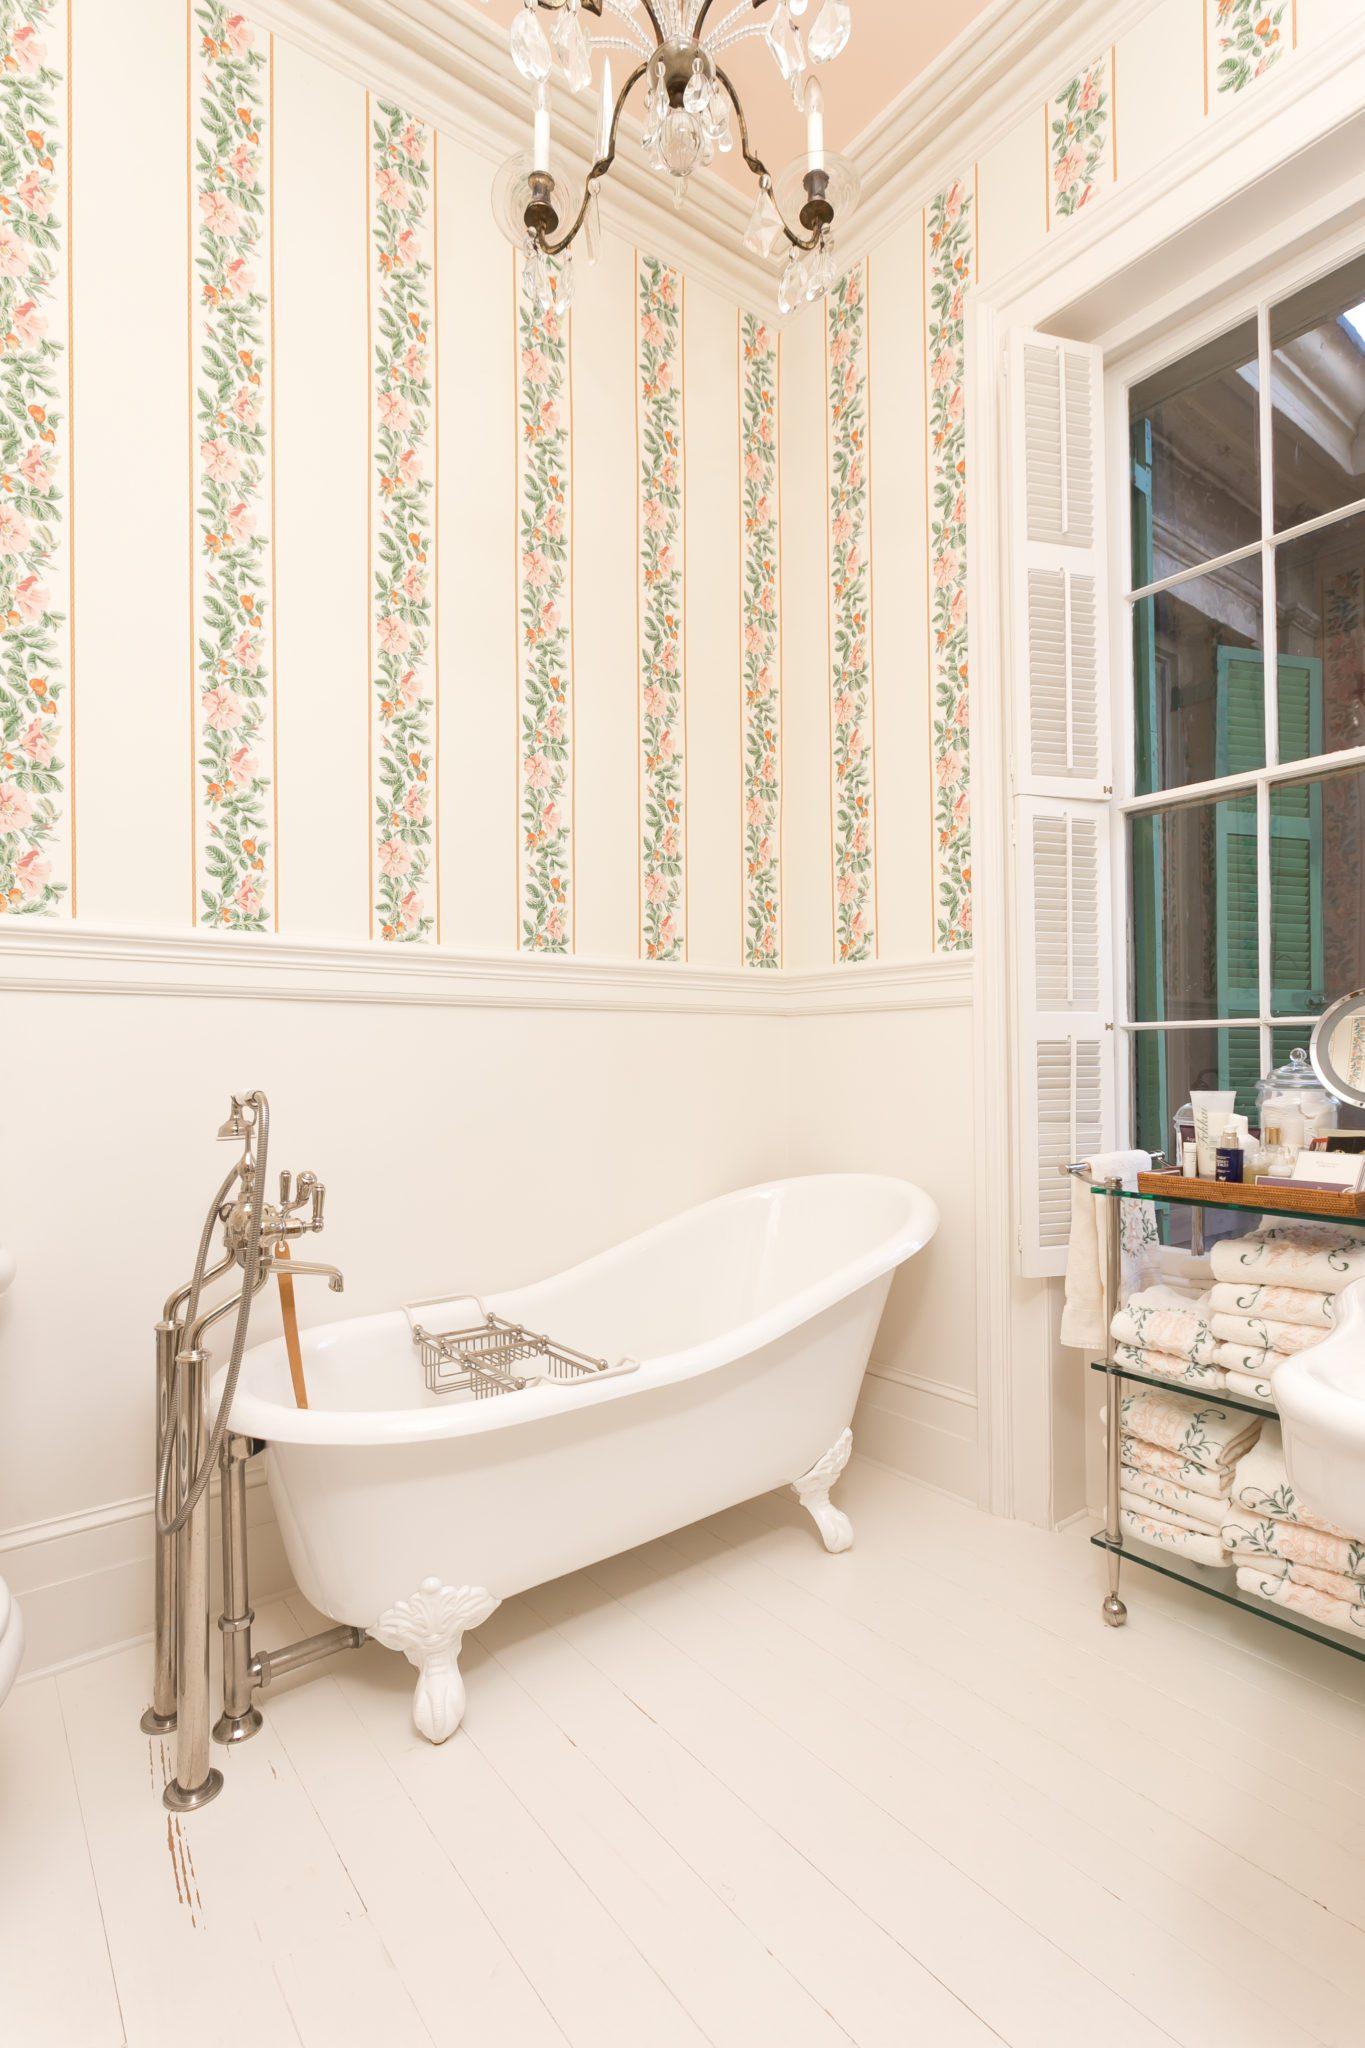 patricia-altschul-bathroom-crystal-chandelier-claw-foot-tub-bathtub ...